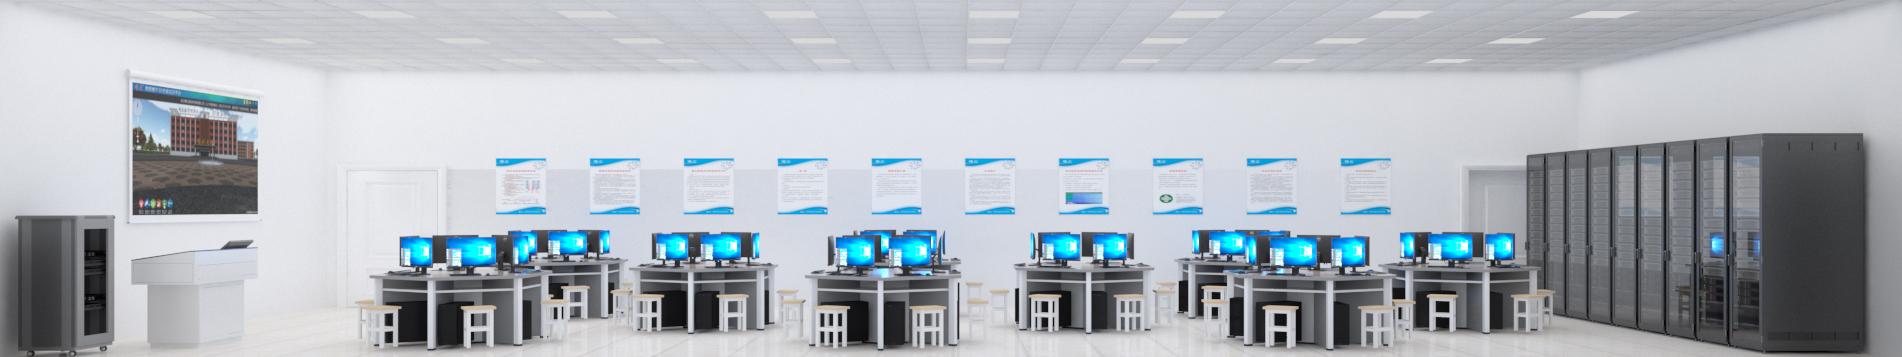 智能楼宇3D虚拟仿真实训室